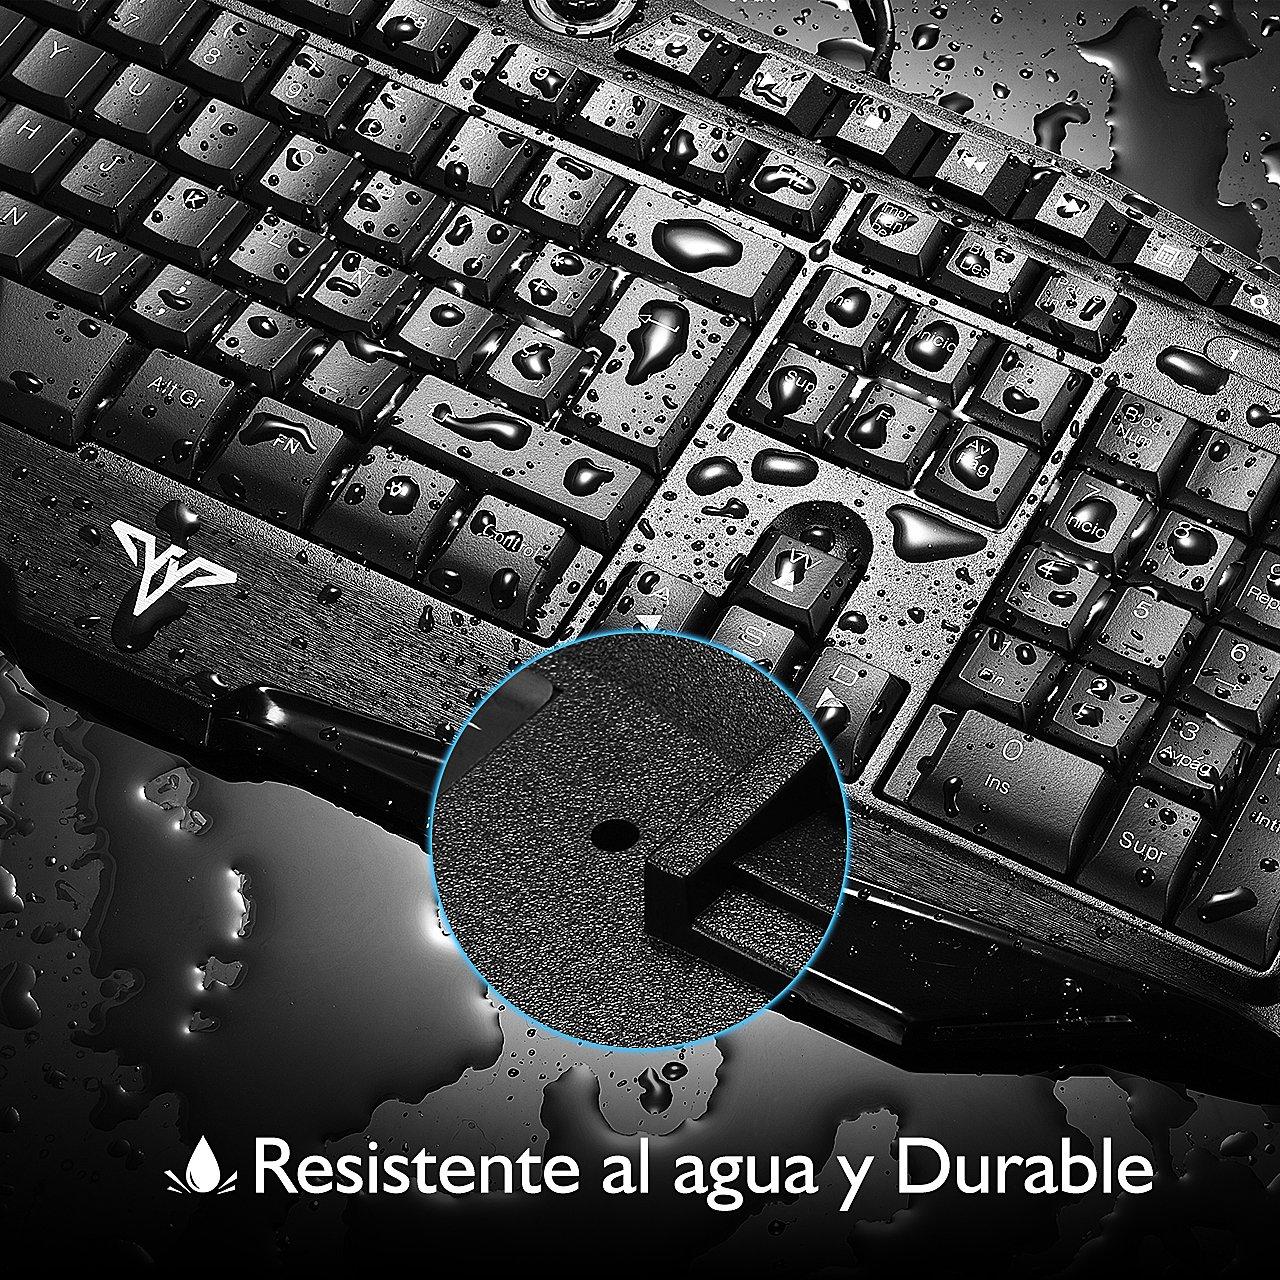 TOPELEK Teclado Gaming de Membrana con Cable, 7 Color Retroiluminado y Teclas Desmontables, Anti-Ghosting y 14 Teclas Multimedia con botón WIN y Botón ...